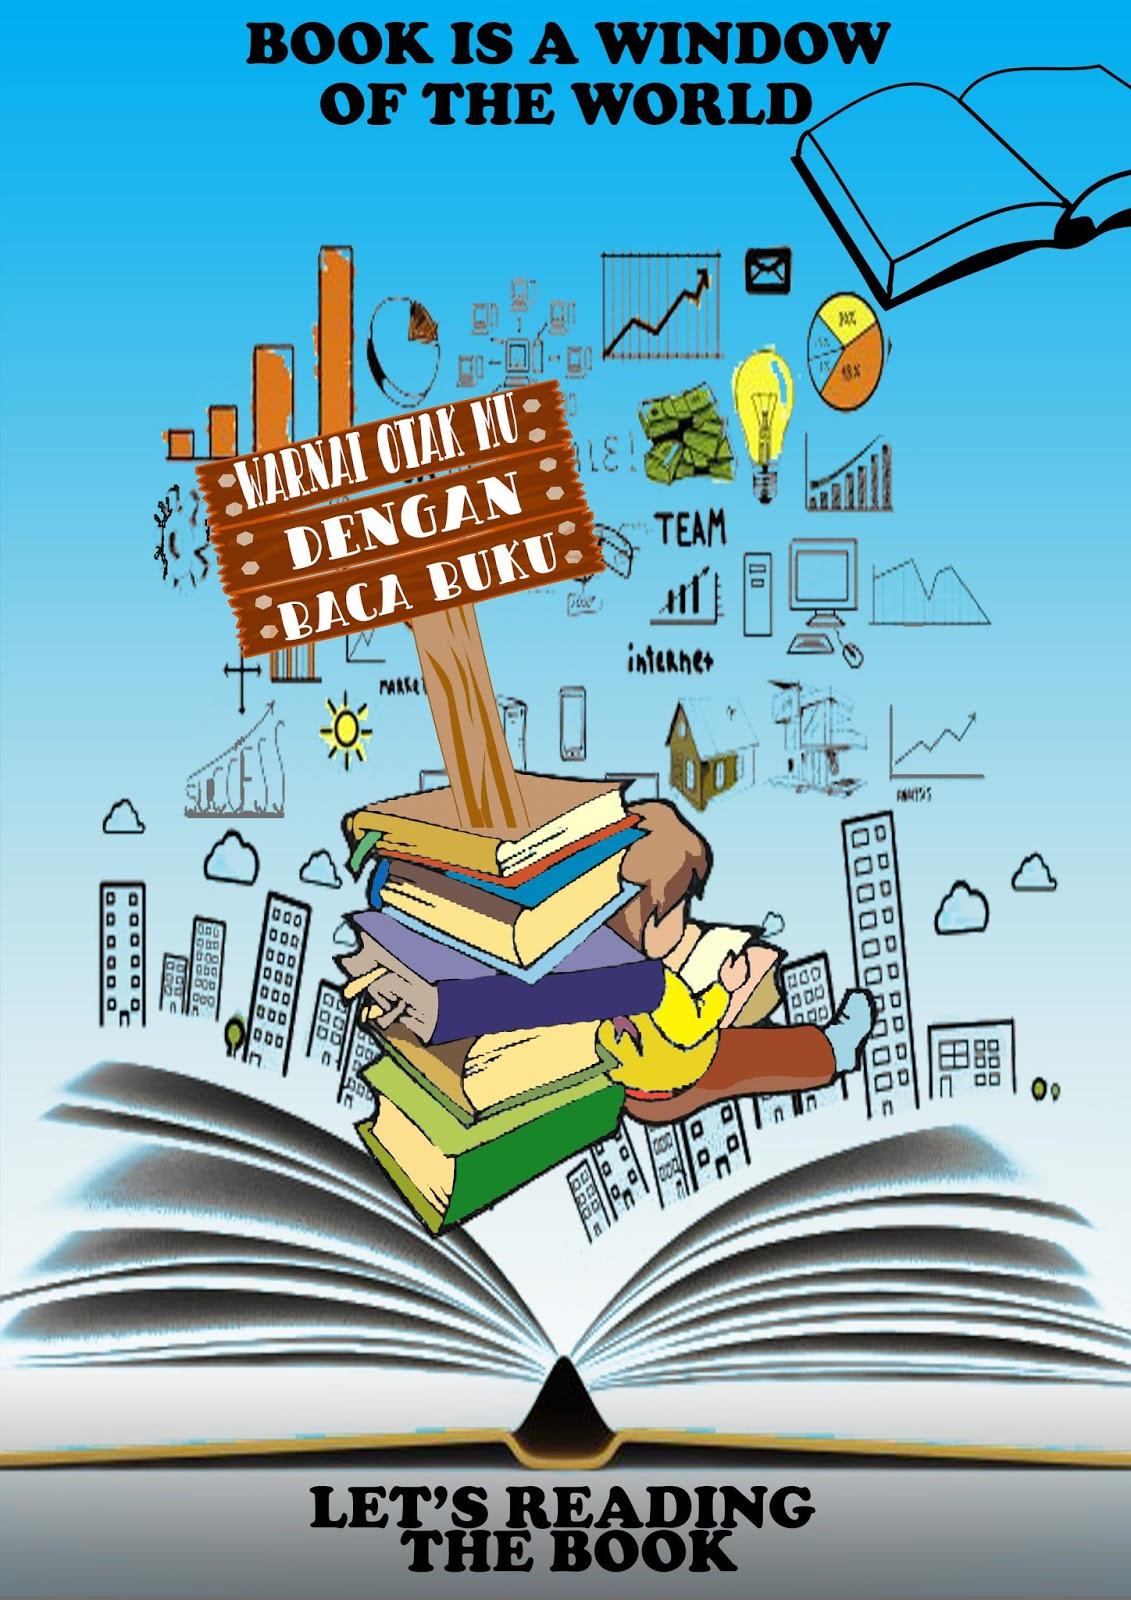 Contoh Postee Yg Berisi Ajakan Membaca Buku : contoh, postee, berisi, ajakan, membaca, Biasa, Poster, Tentang, Ajakan, Membaca, Koleksi